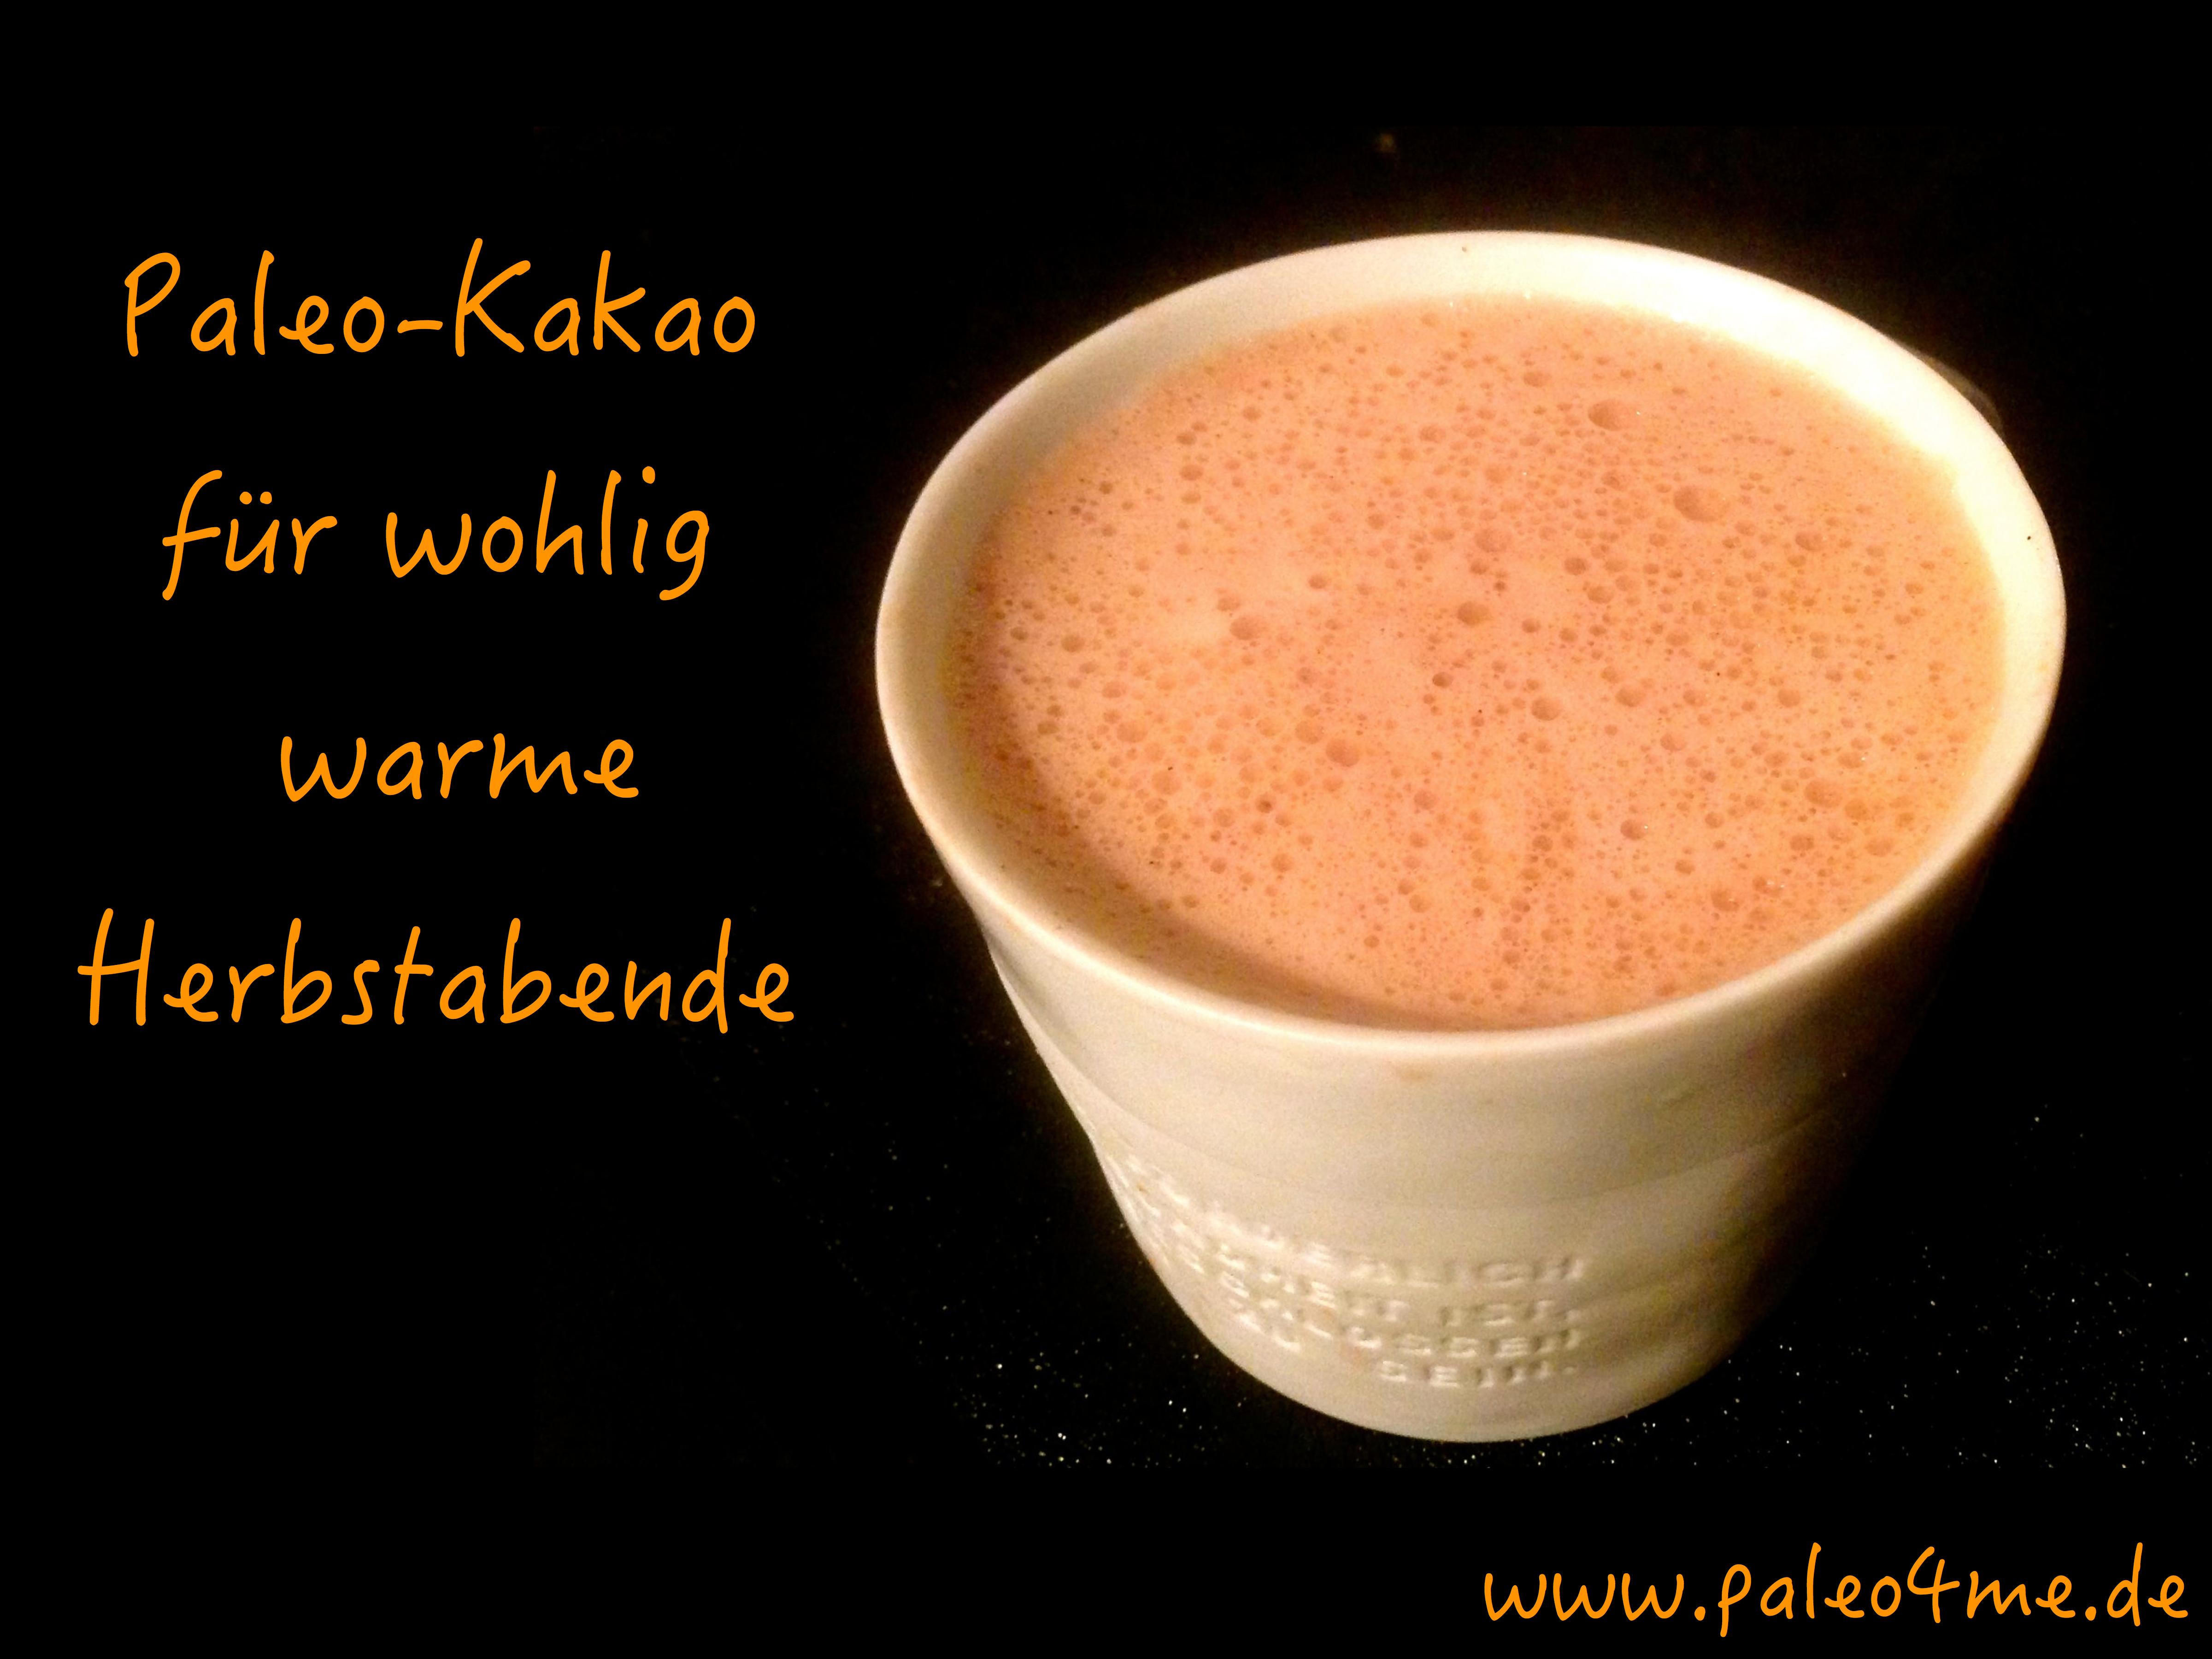 Paleo-Kakao